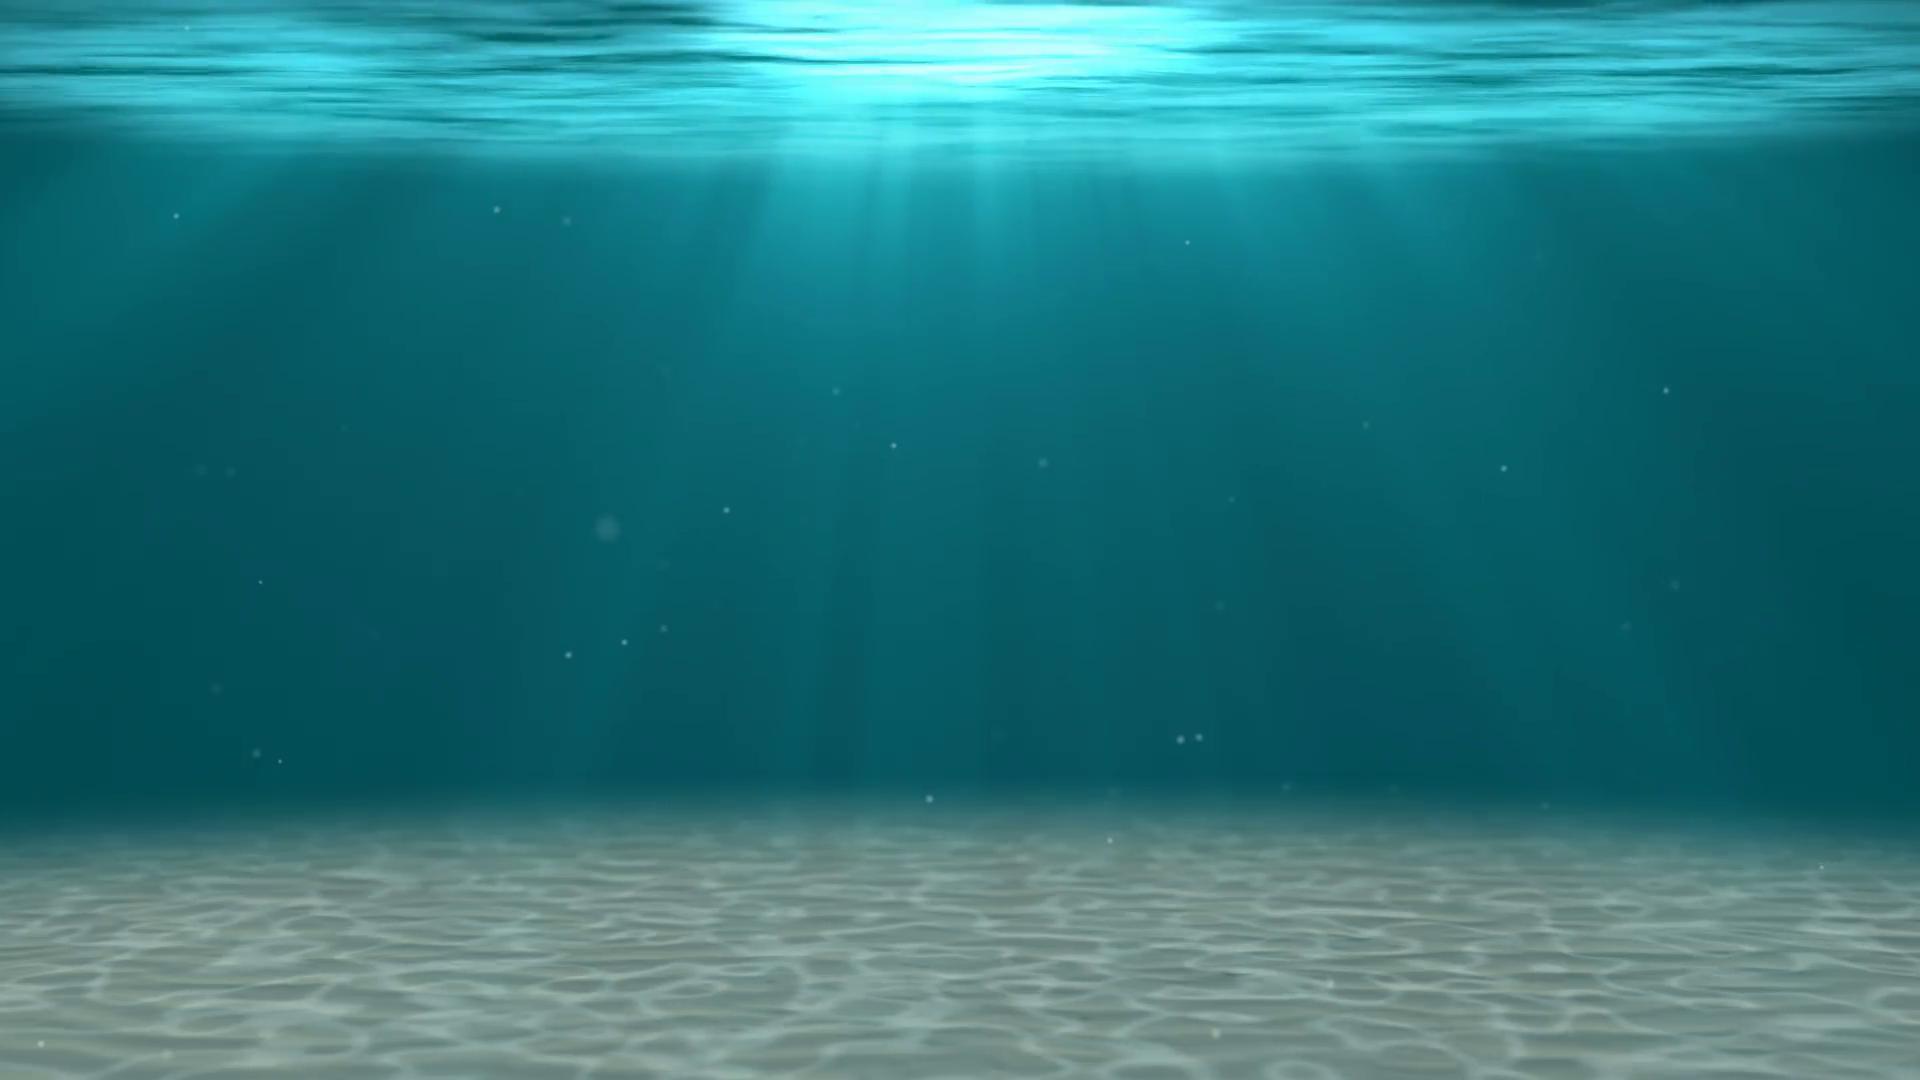 HD - Deep water. Underwater background Motion Background - Videoblocks